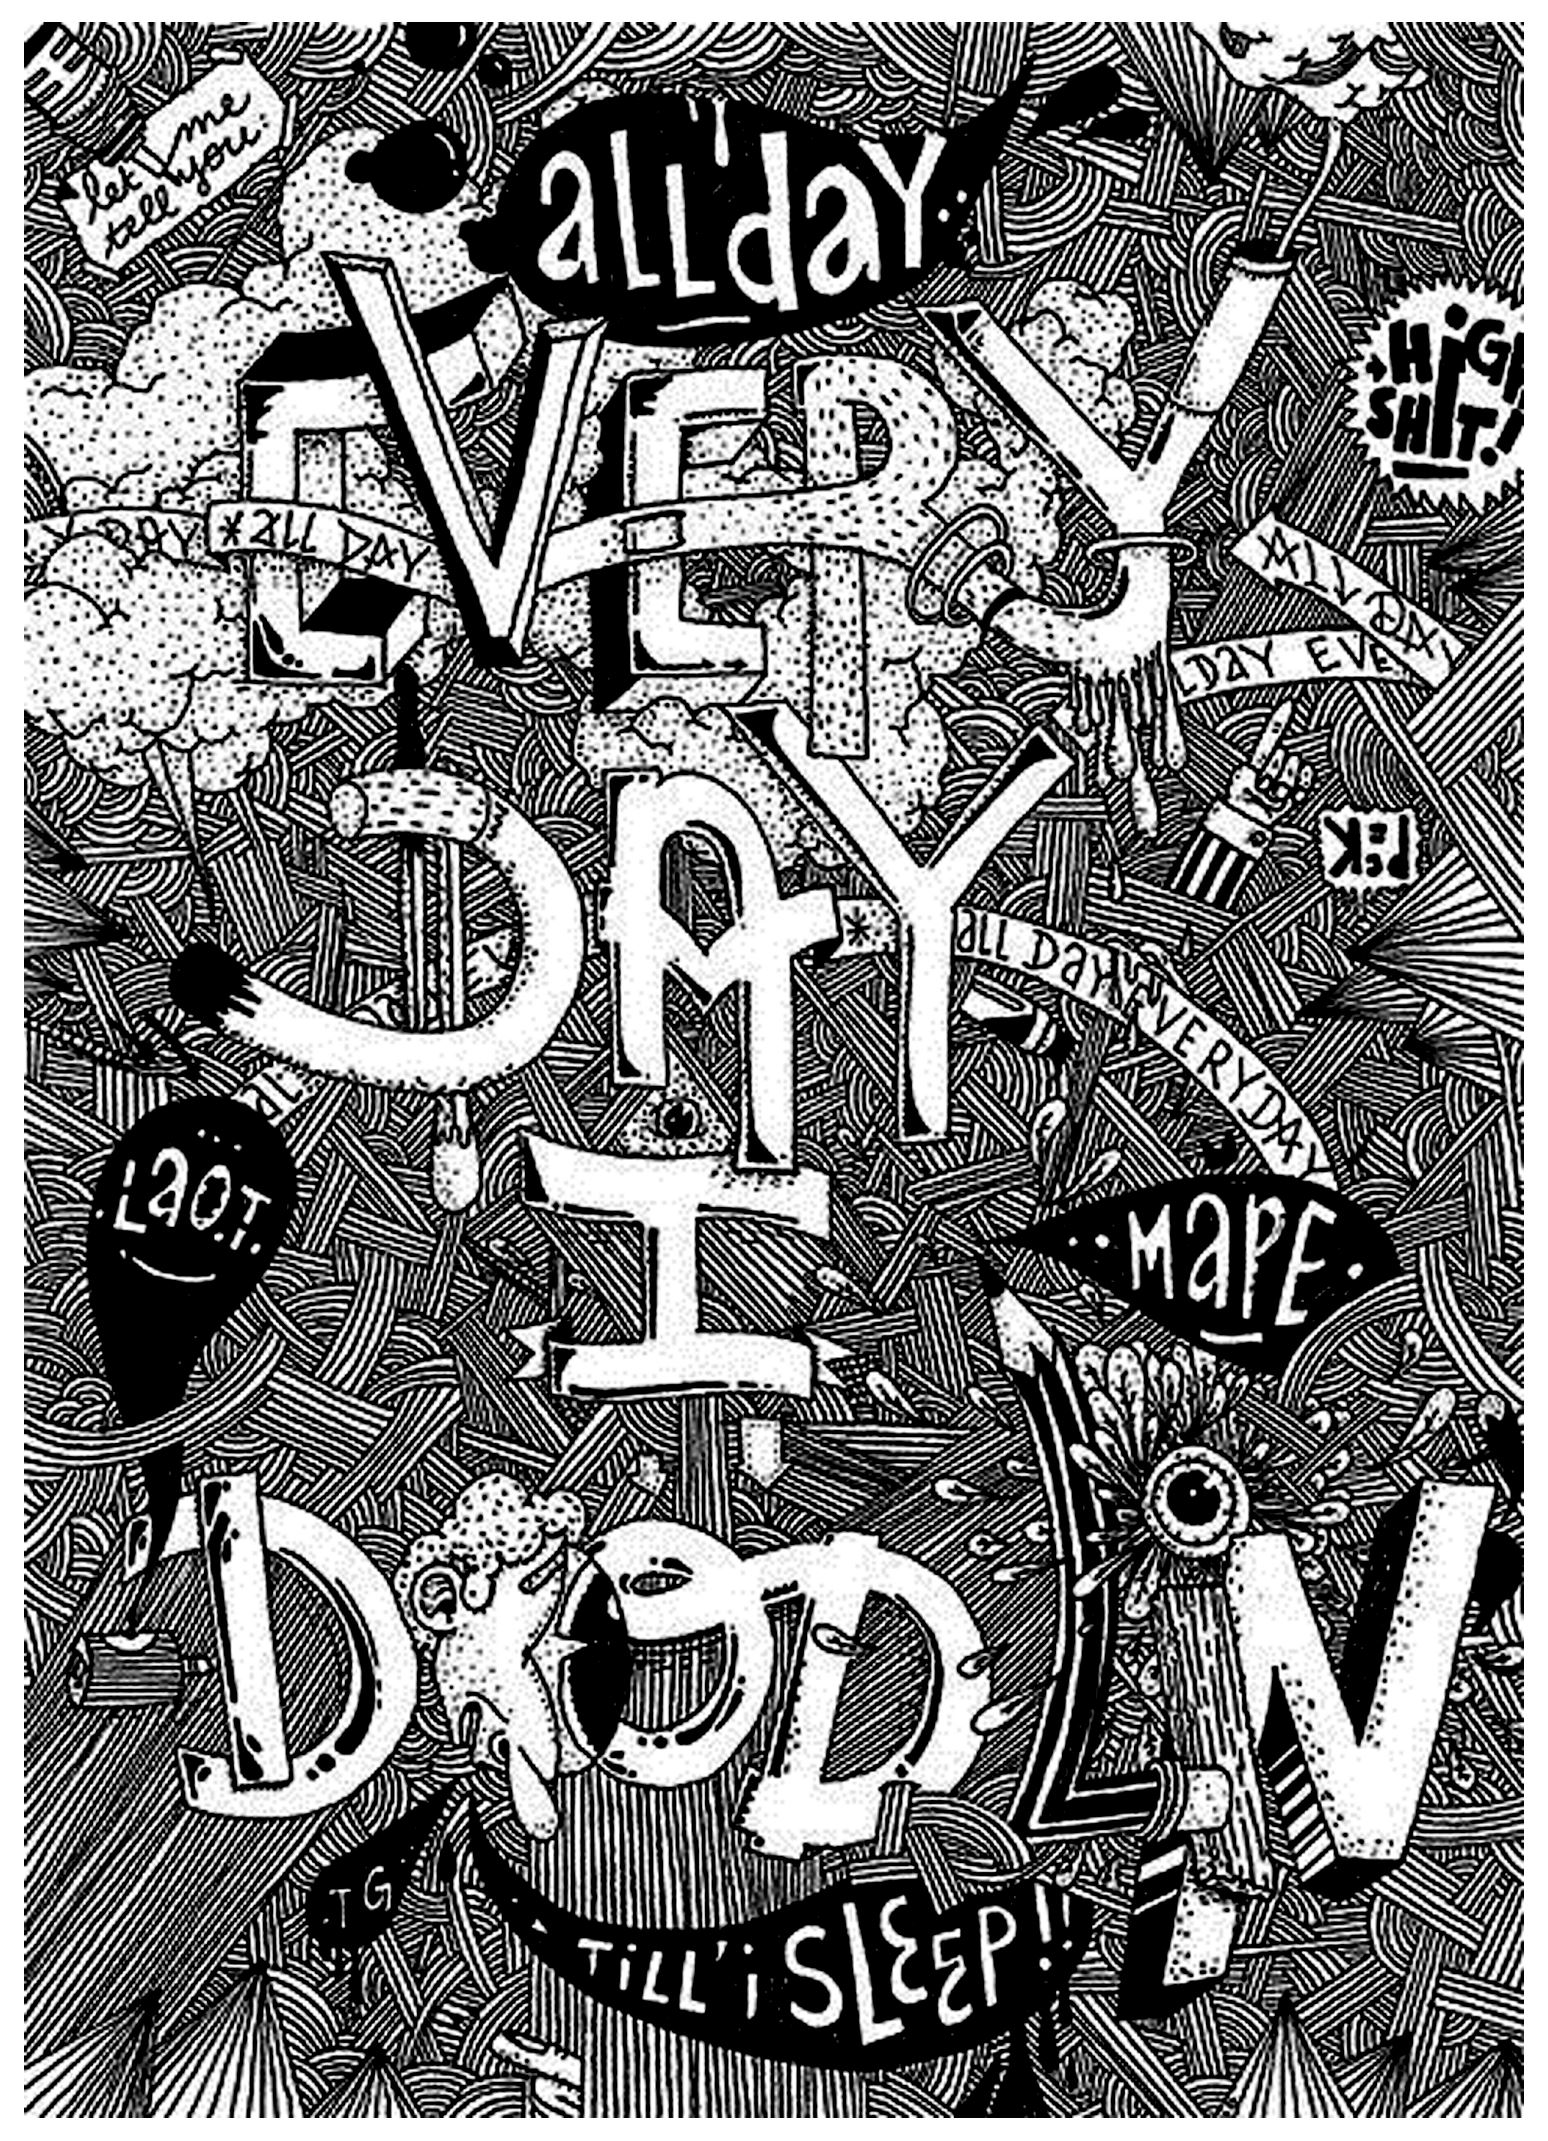 Un Doodle par un accroc au Doodling : Everyday I doodle till' i sleep ! (Tous les jours je gribouille jusqu'à m'endormir)